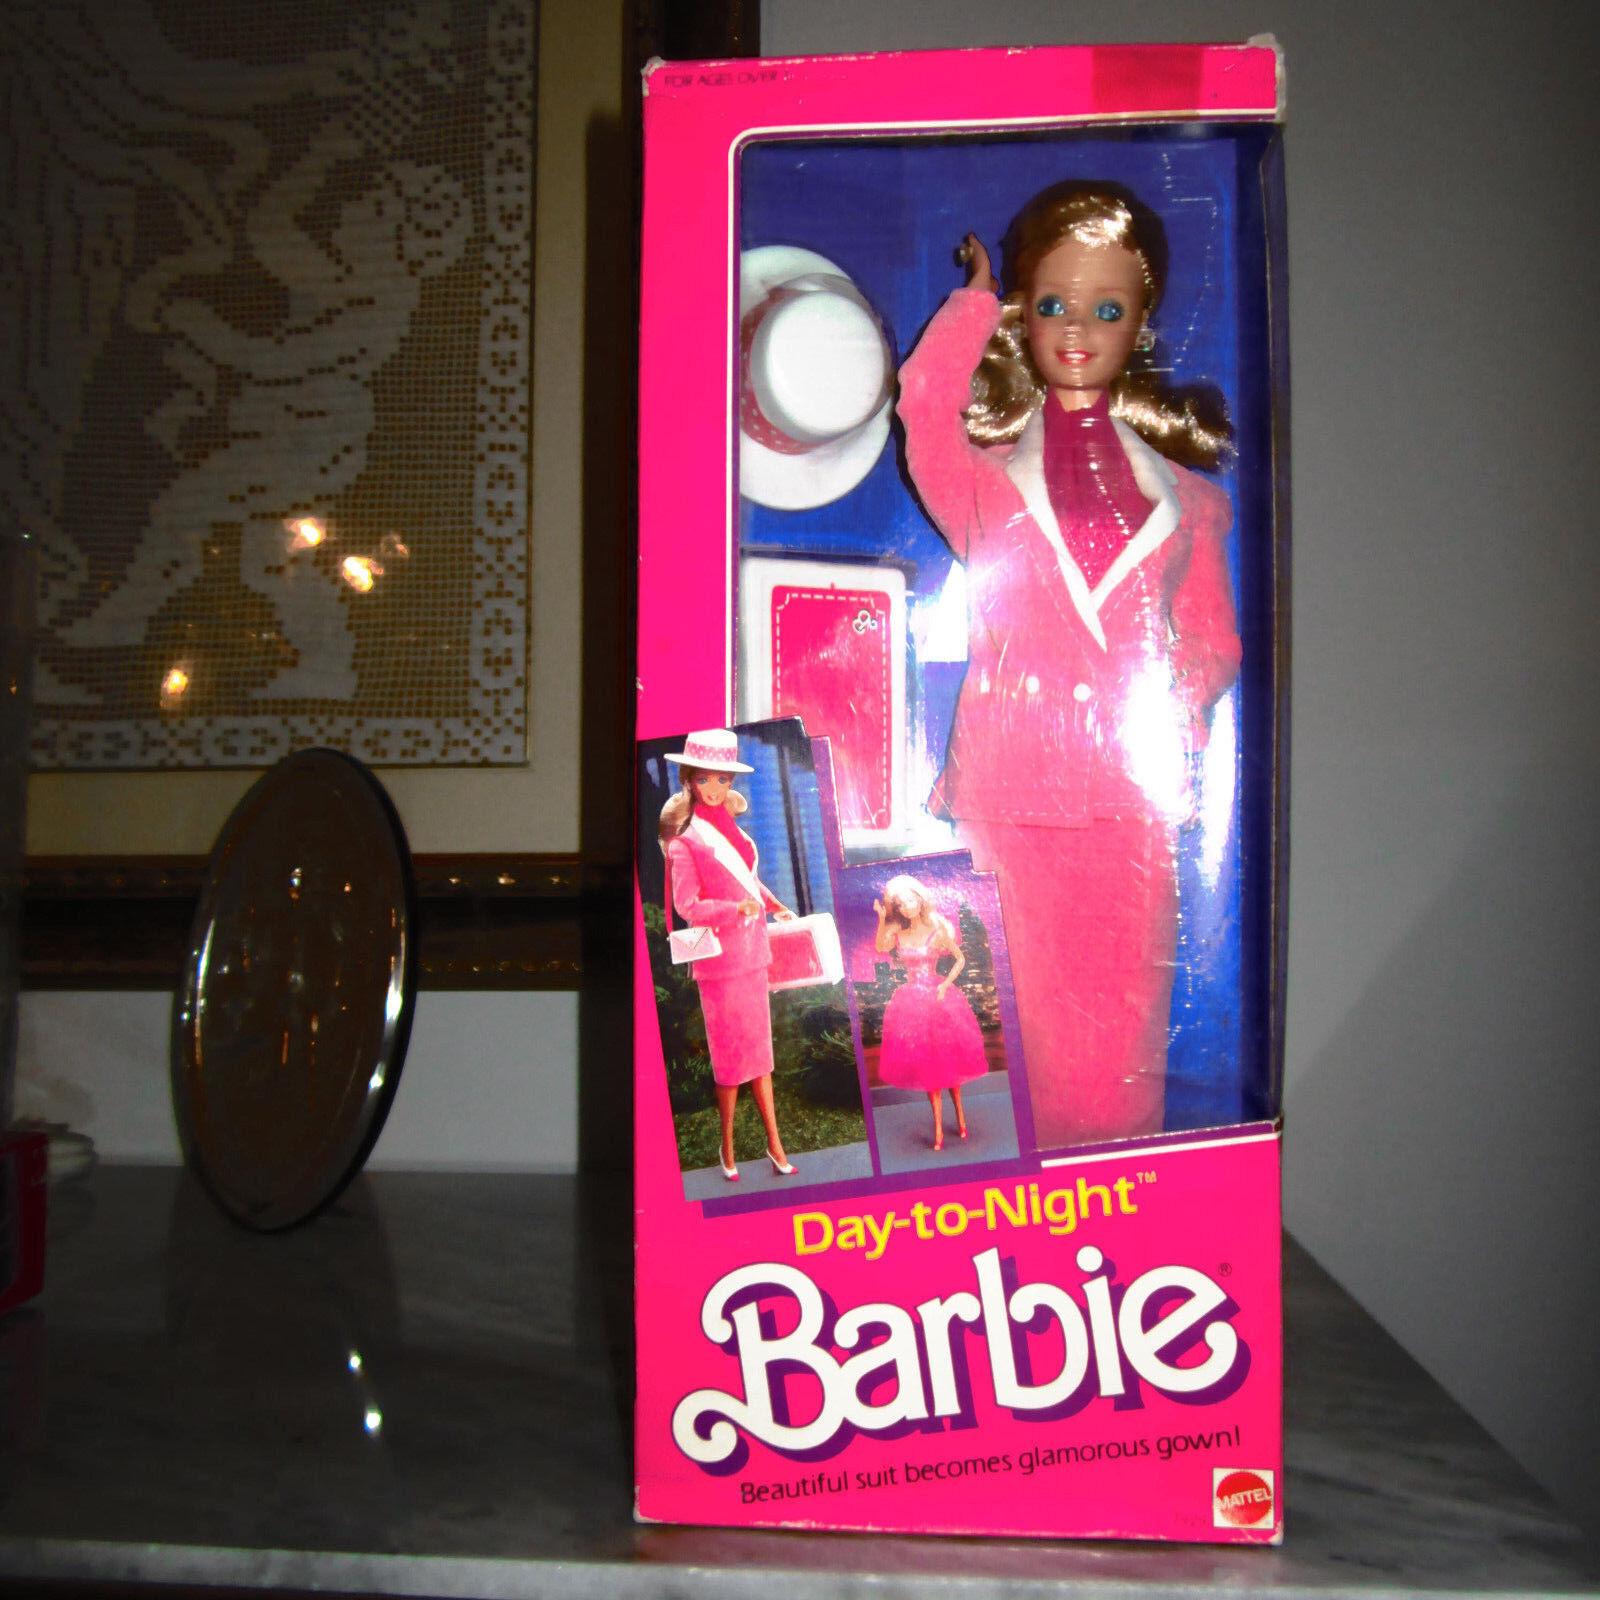 1984 Day To Night Barbie Giorno e Sera notte hawaiian superstar picture pretty